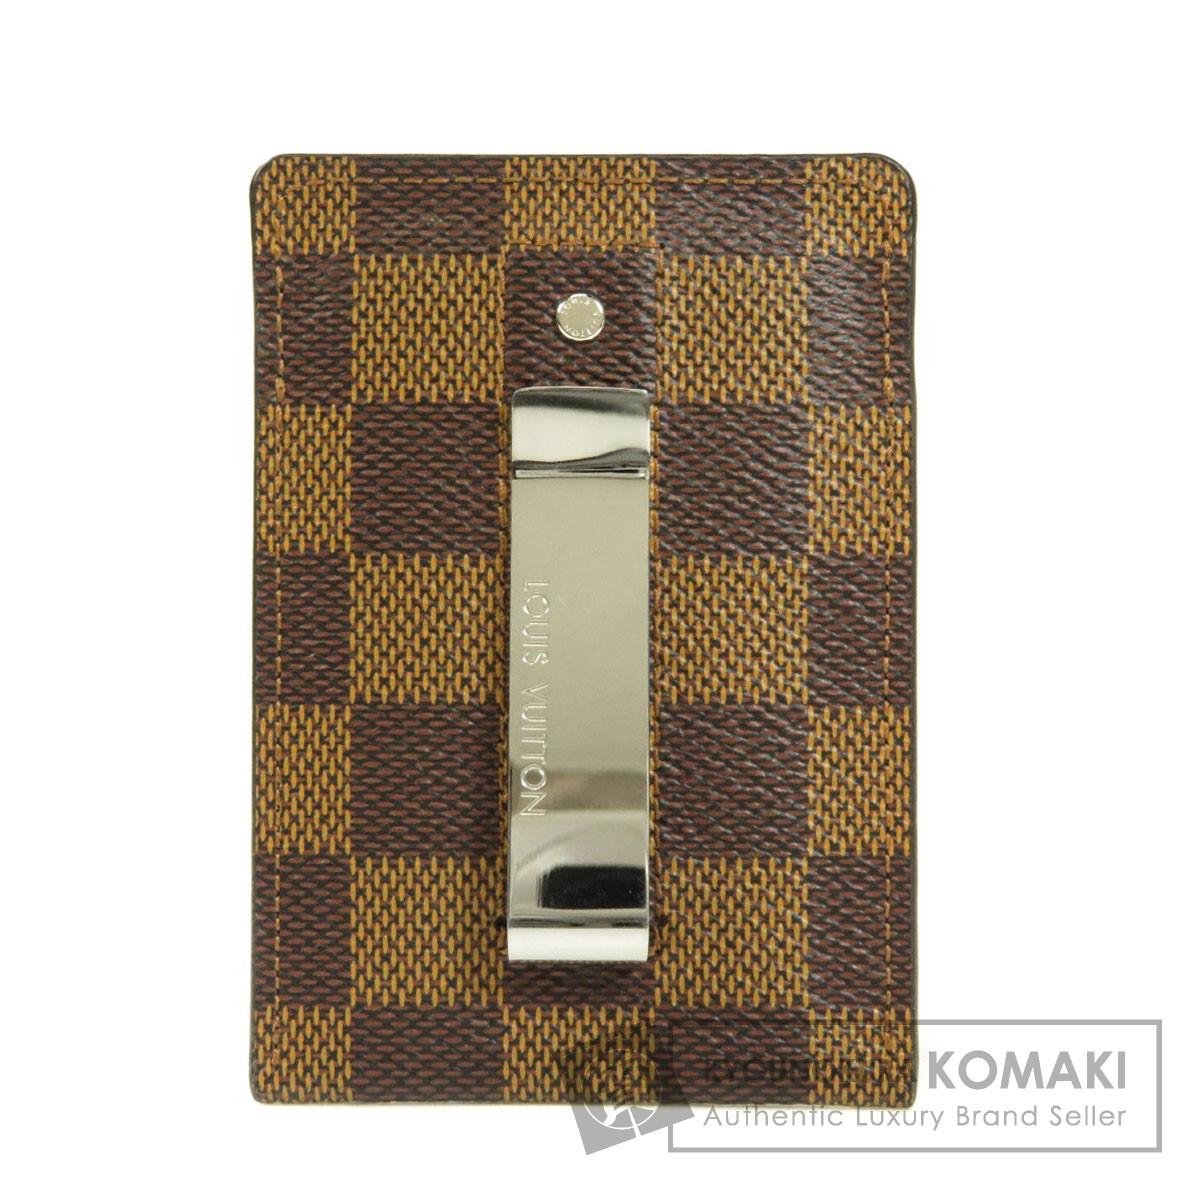 ルイヴィトン N61209 ポルトカルト パンス カードケース ダミエキャンバス メンズ 【中古】【LOUIS VUITTON】